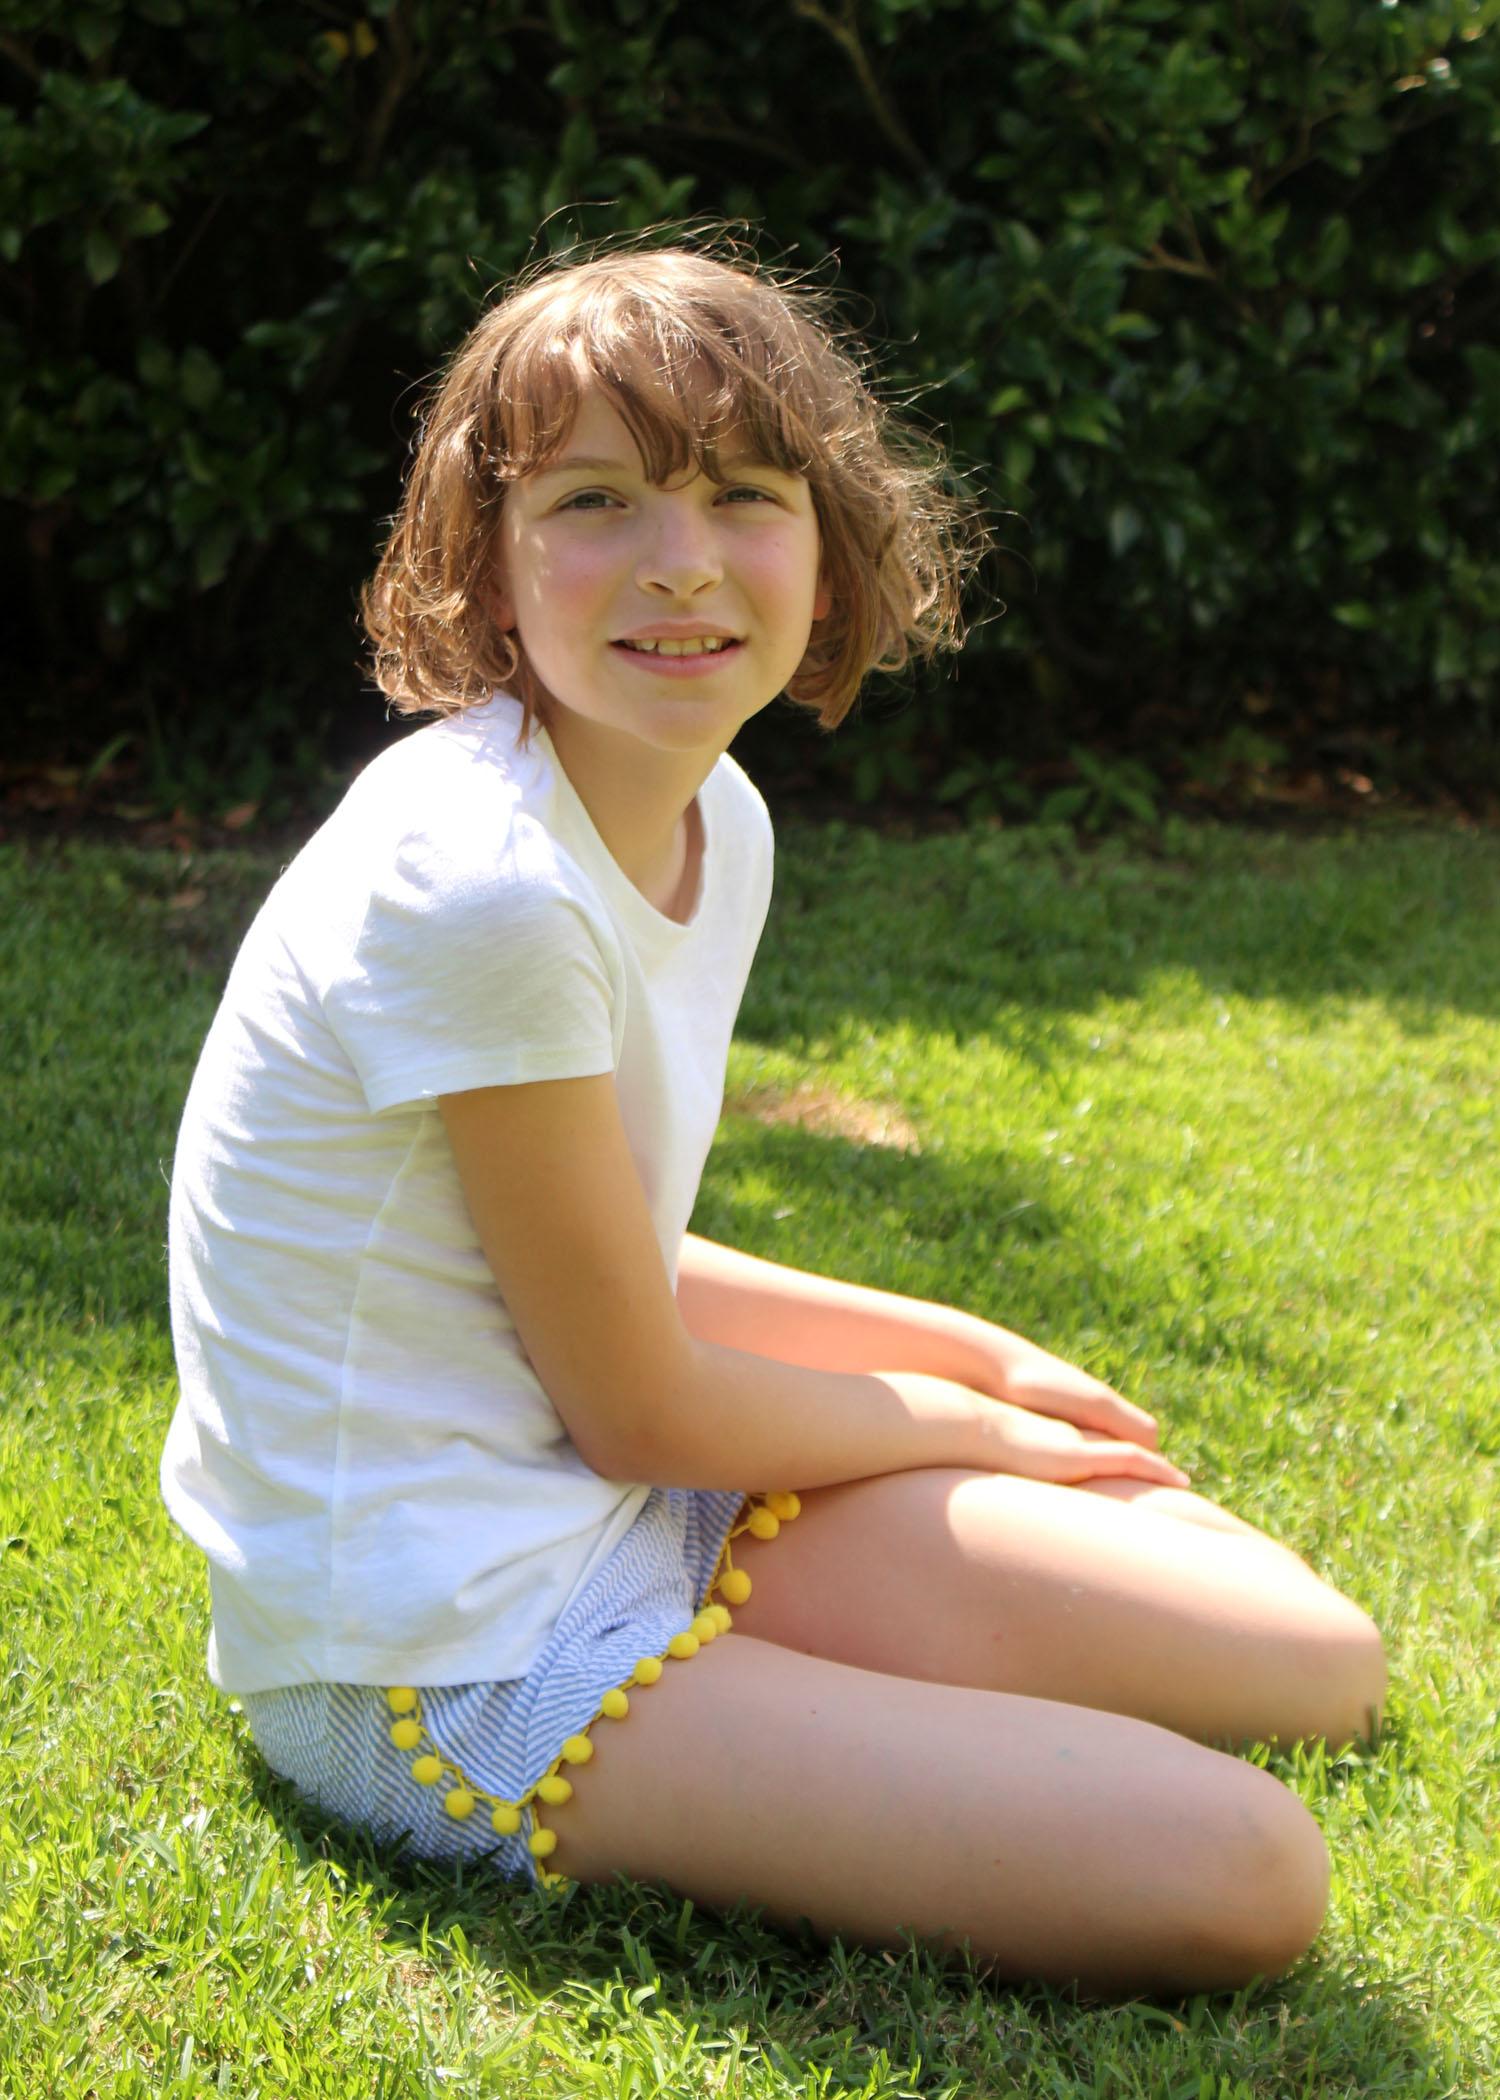 JB_Tammy shorts_girls_IMG_4552.jpg